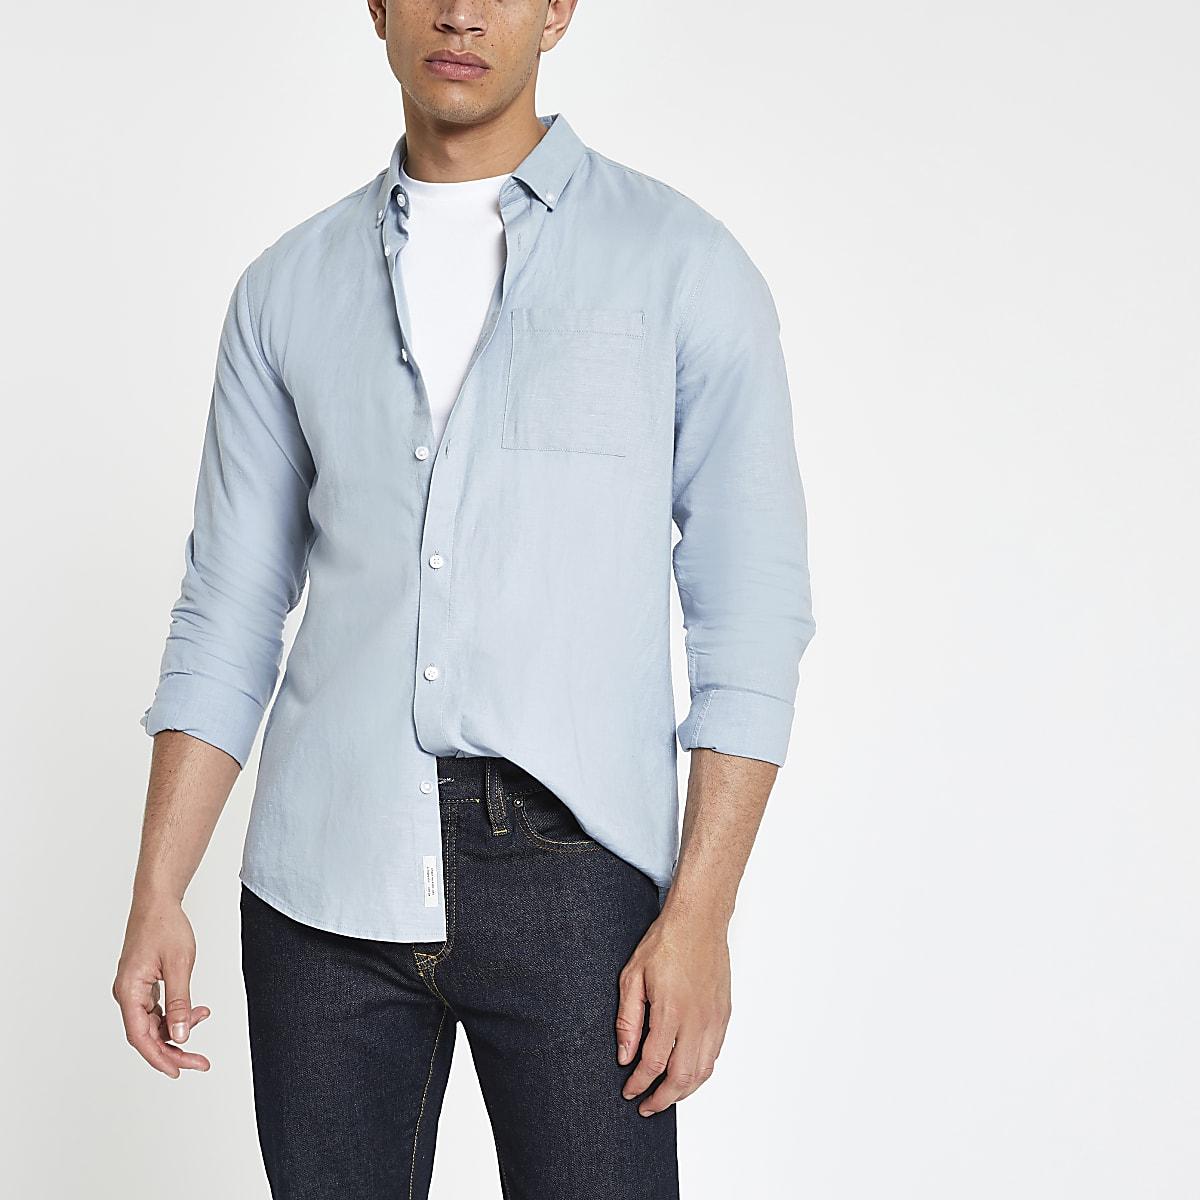 Blue linen long sleeve shirt